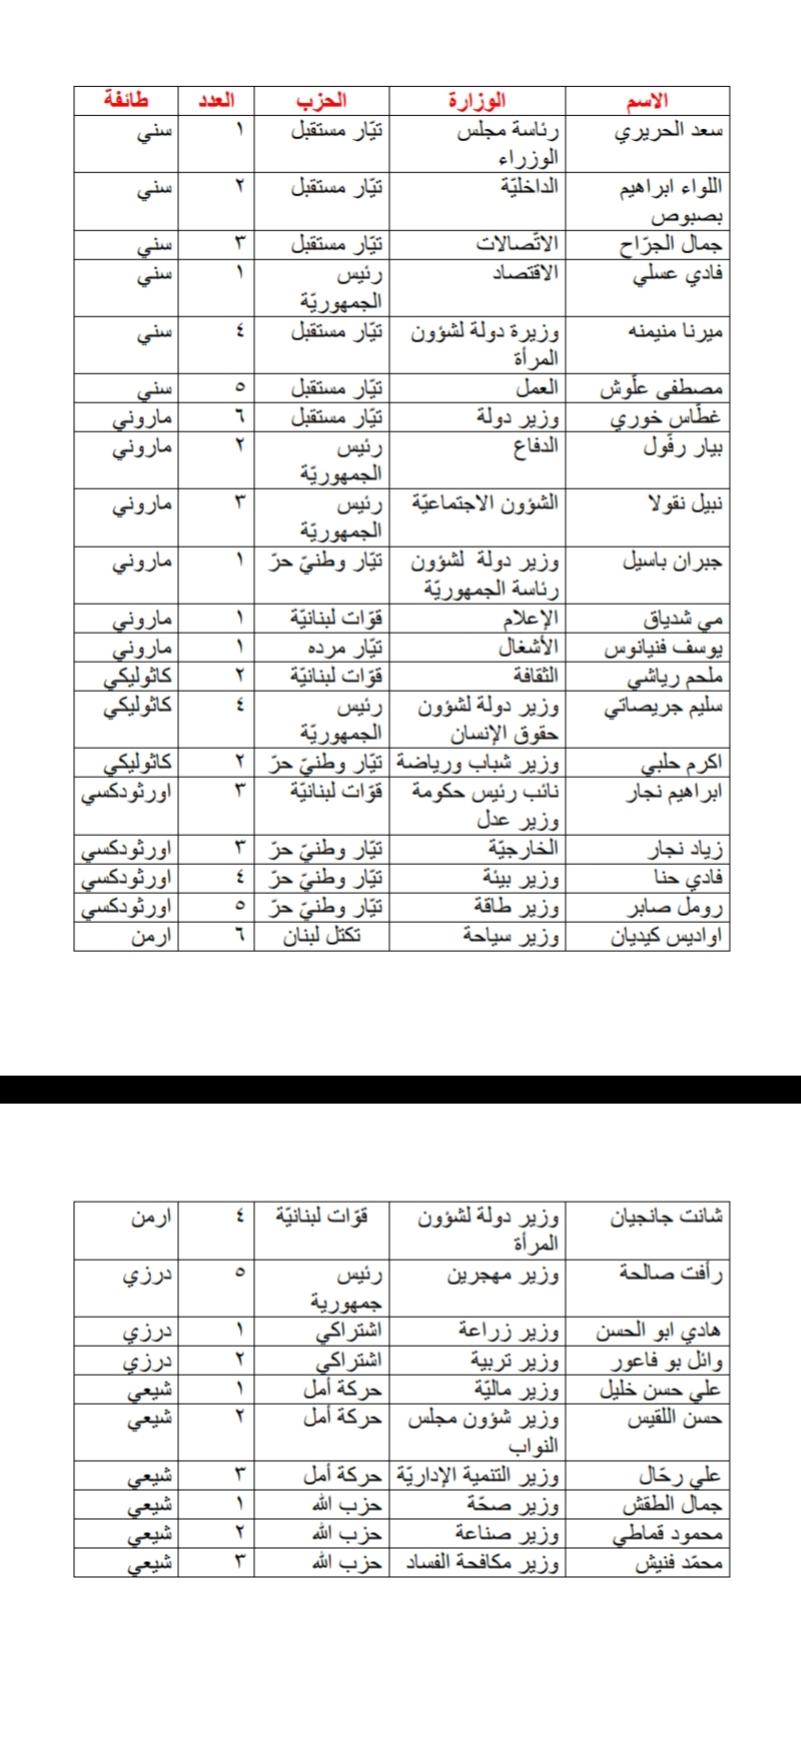 بالأسماء ما هو شكل الحكومة اللبنانية الجديدة